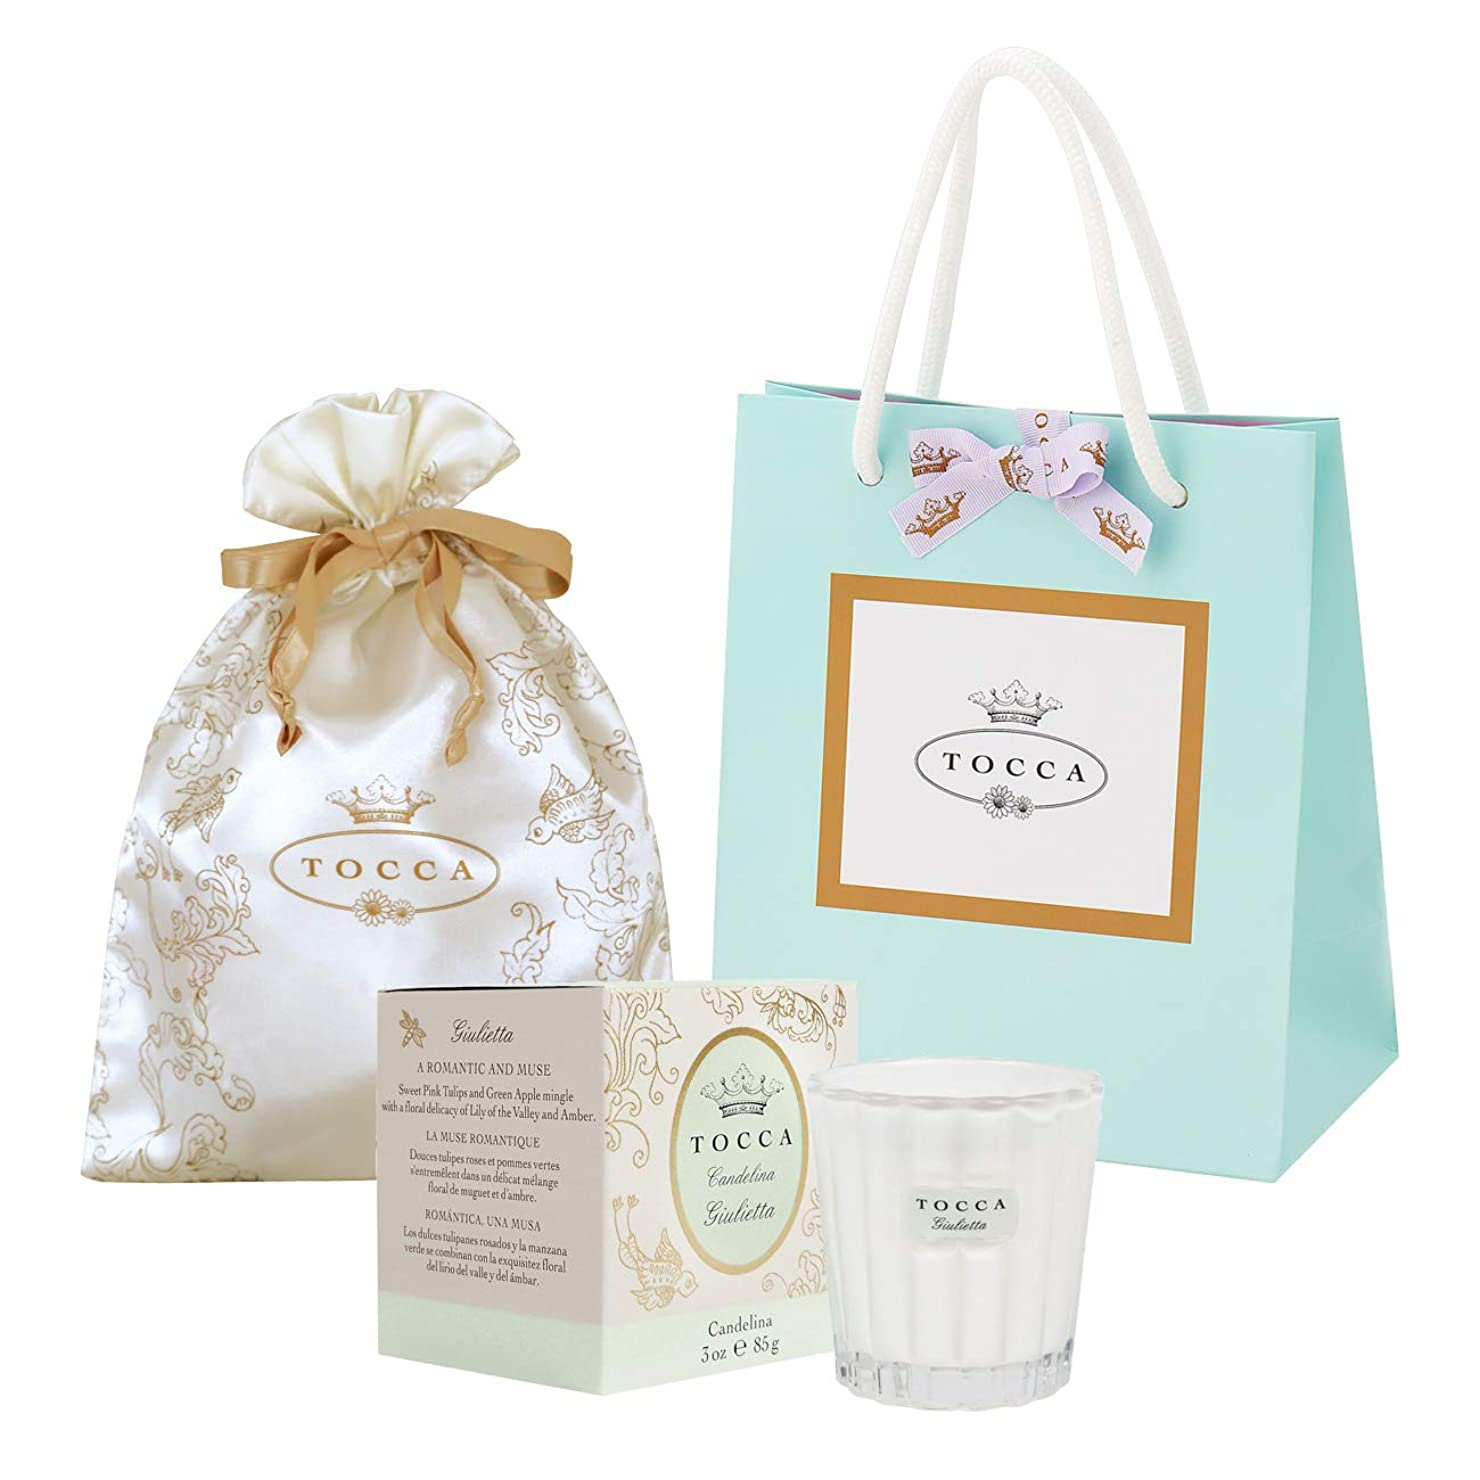 王子名誉メリートッカ(TOCCA) キャンデリーナ ジュリエッタの香り 約85g 巾着&ショッパー付 (キャンドル ろうそく ギフト 手提袋付 爽やかで甘い香り)